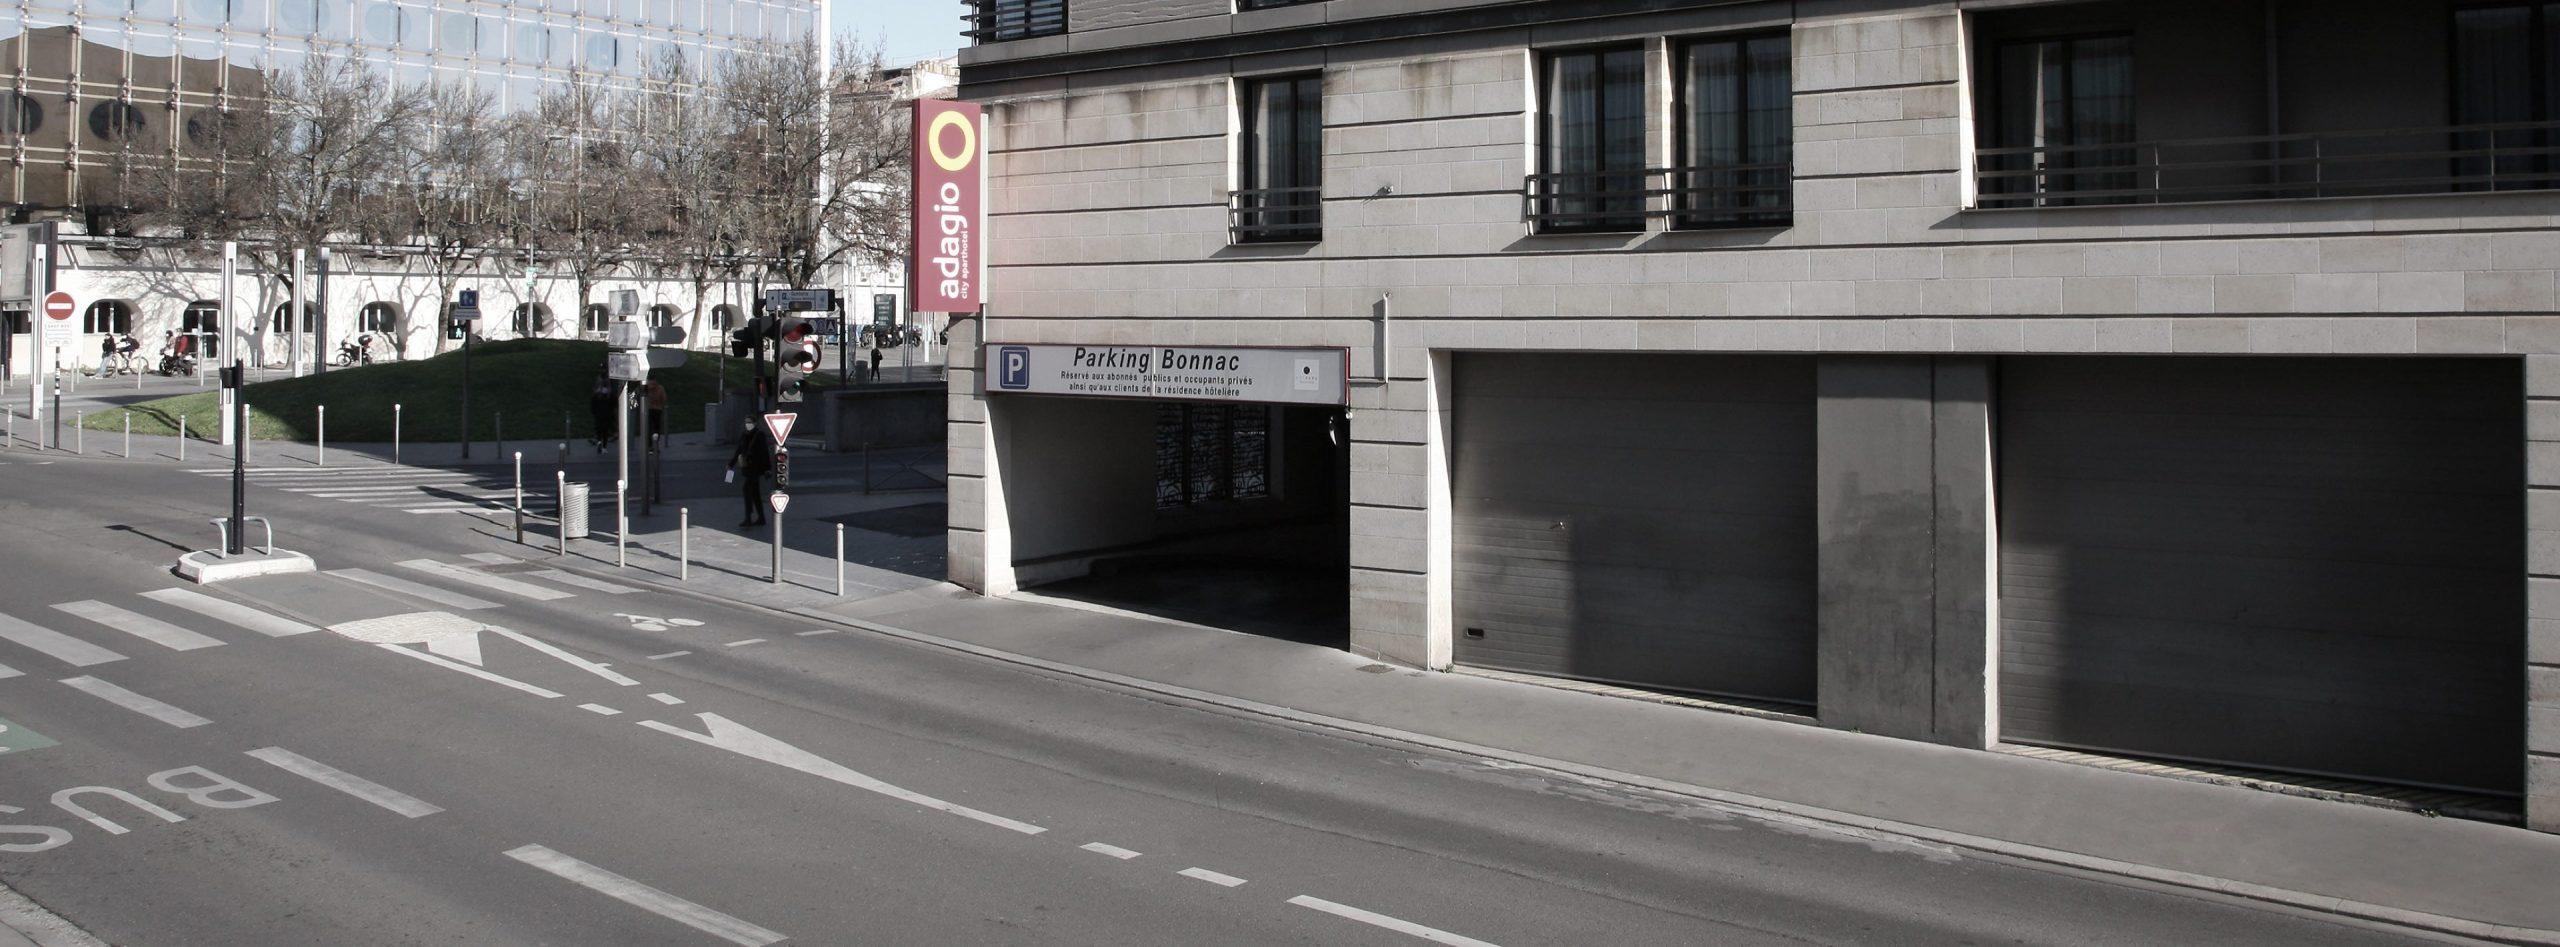 Parking Bonnac METPARK dans le centre ville de Bordeaux, quartier Mériadeck